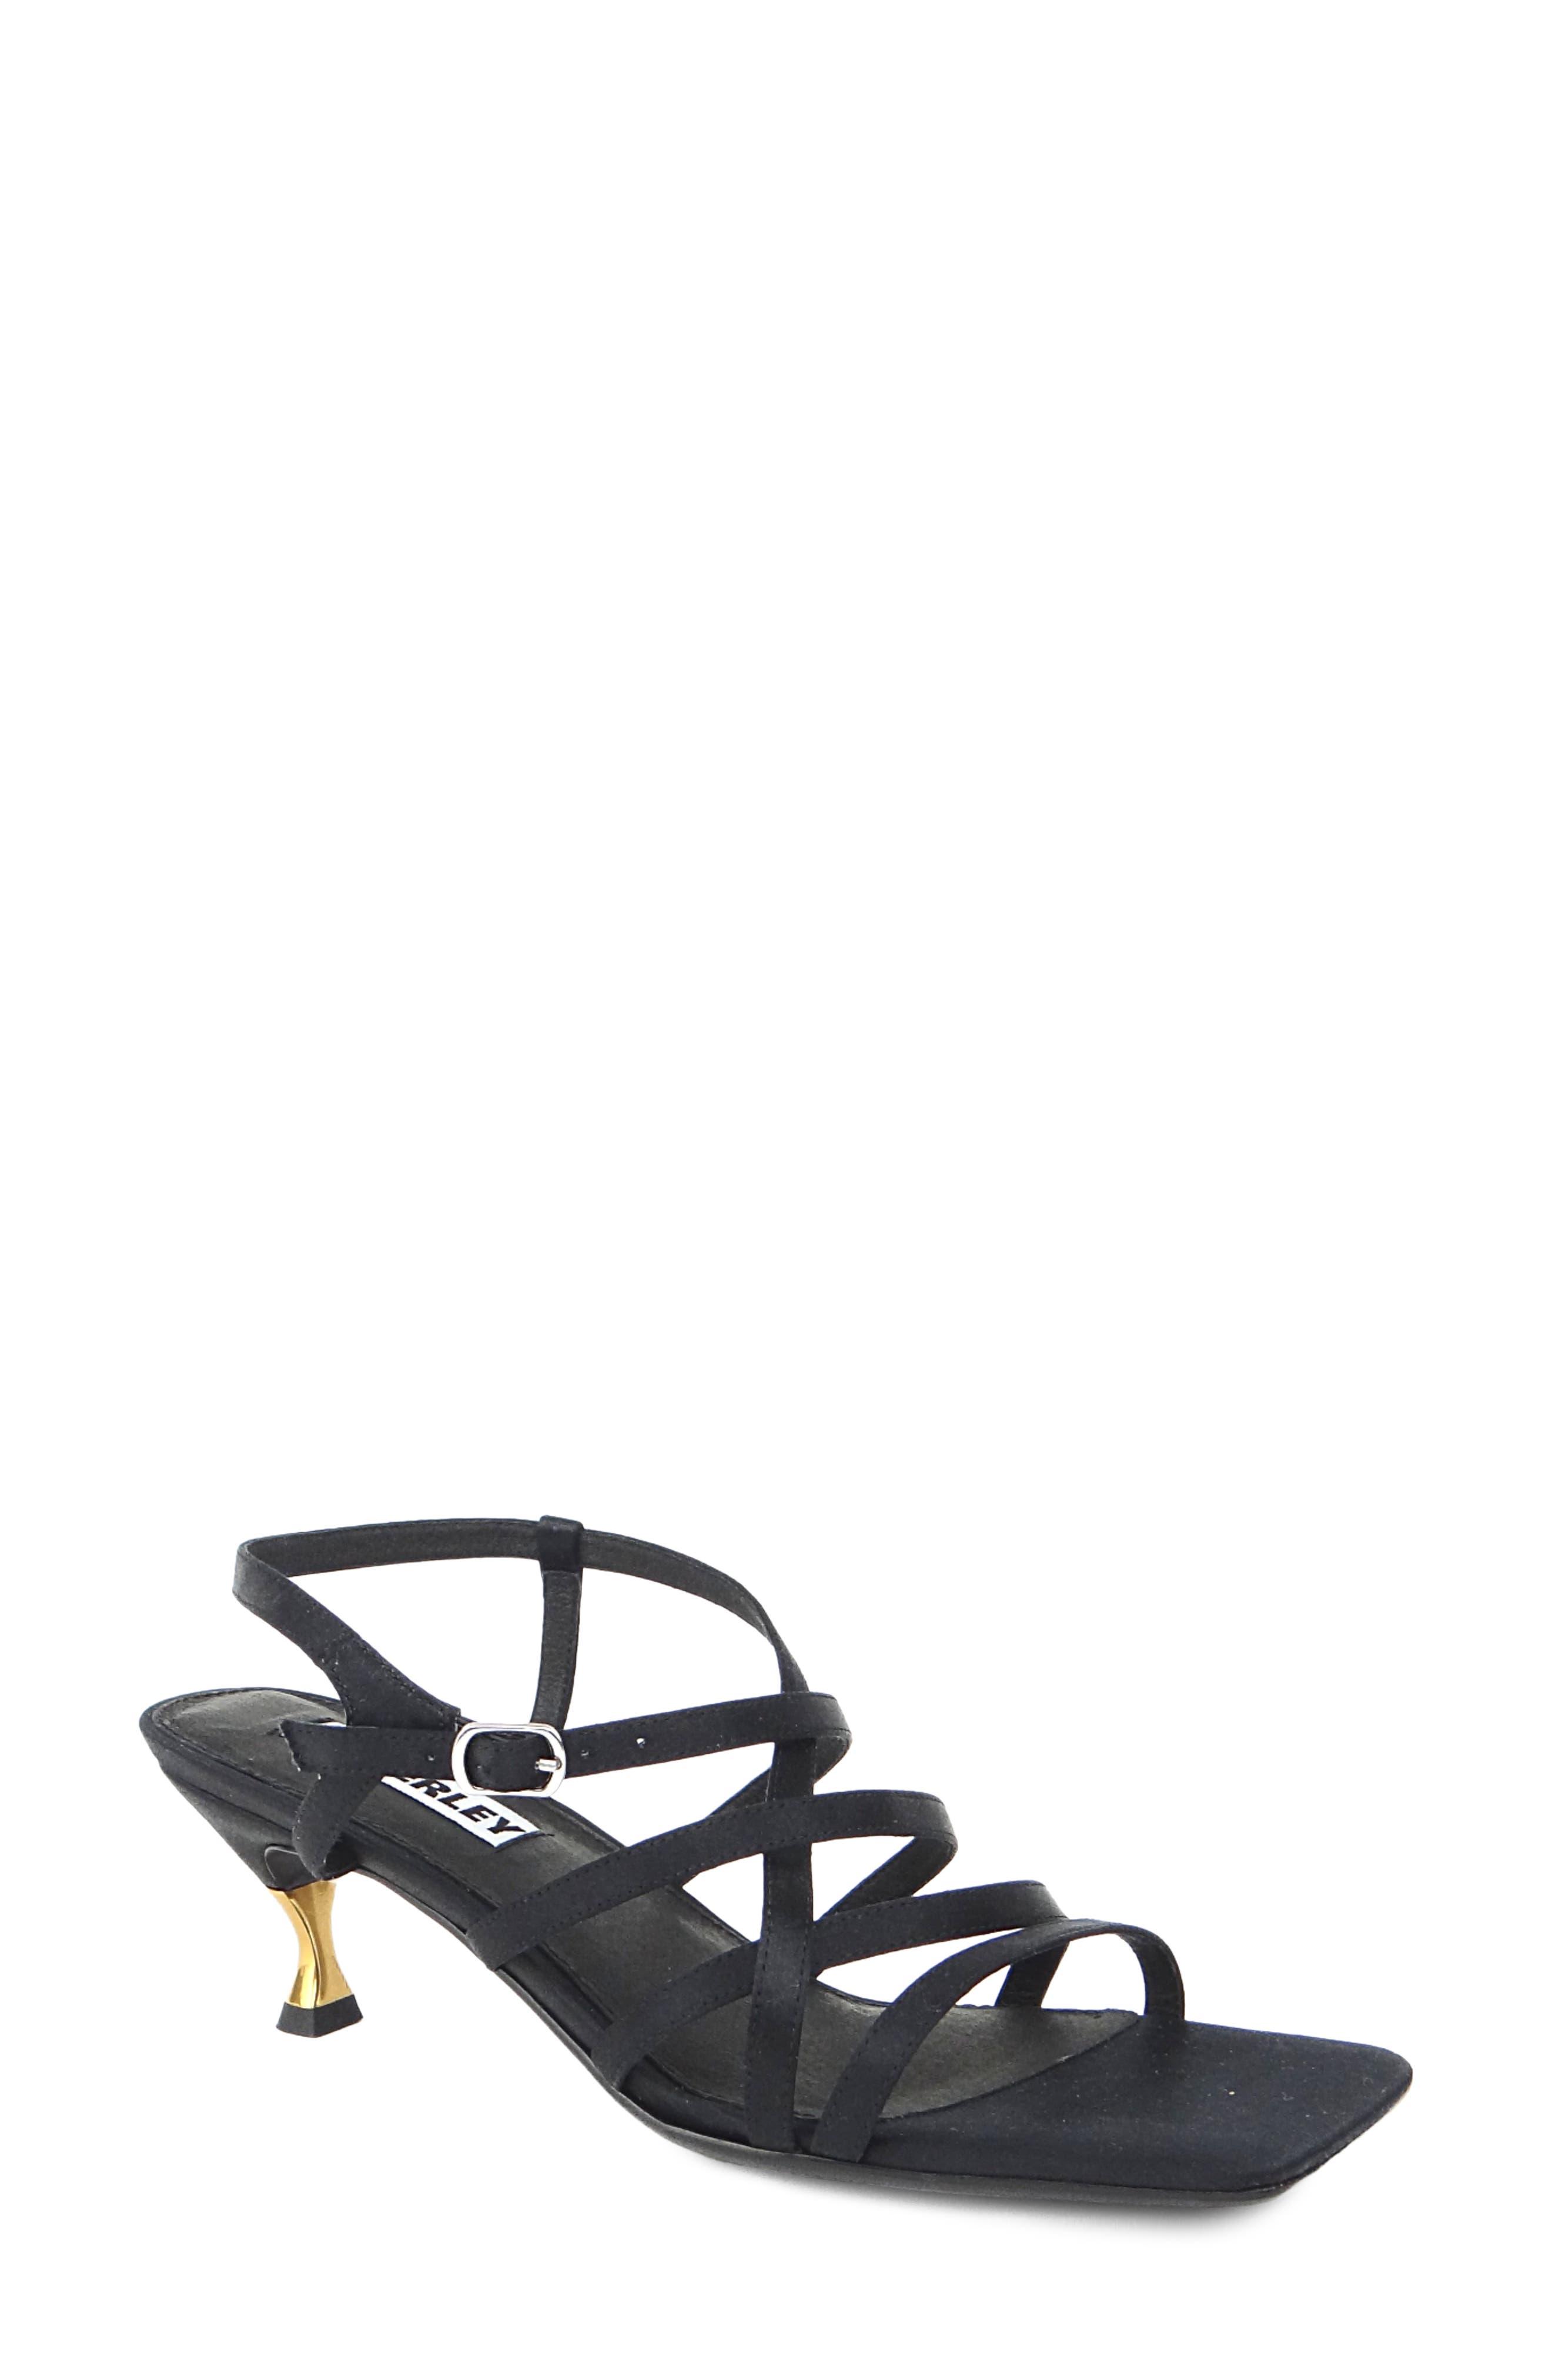 Lani Strappy Sandal